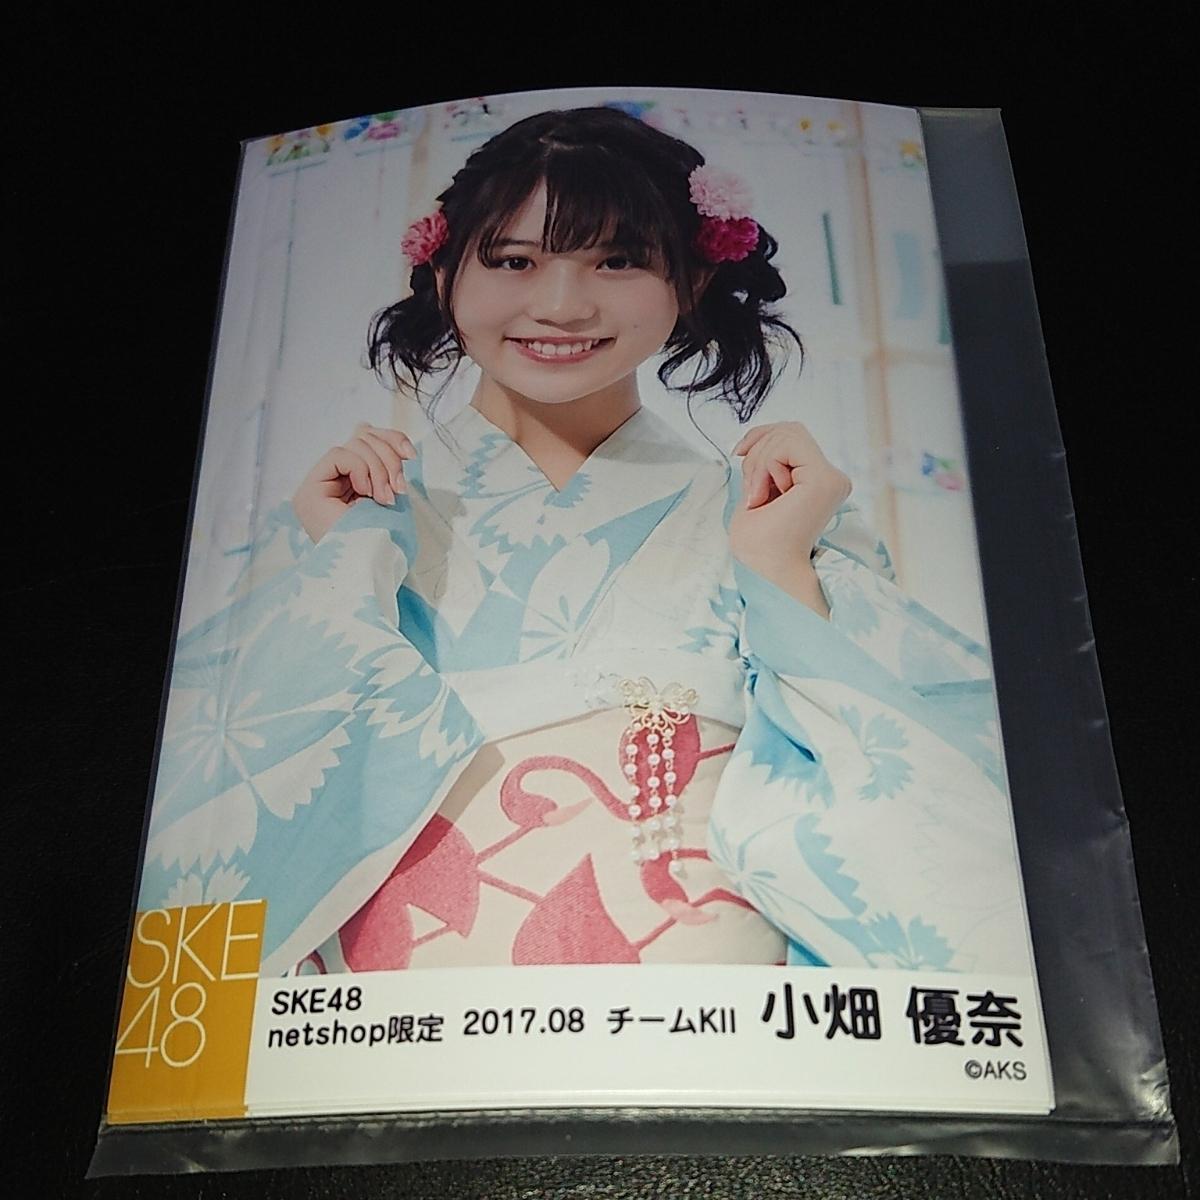 SKE48 小畑優奈 個別生写真 5枚セット 2017.08 netshop限定 未開封①